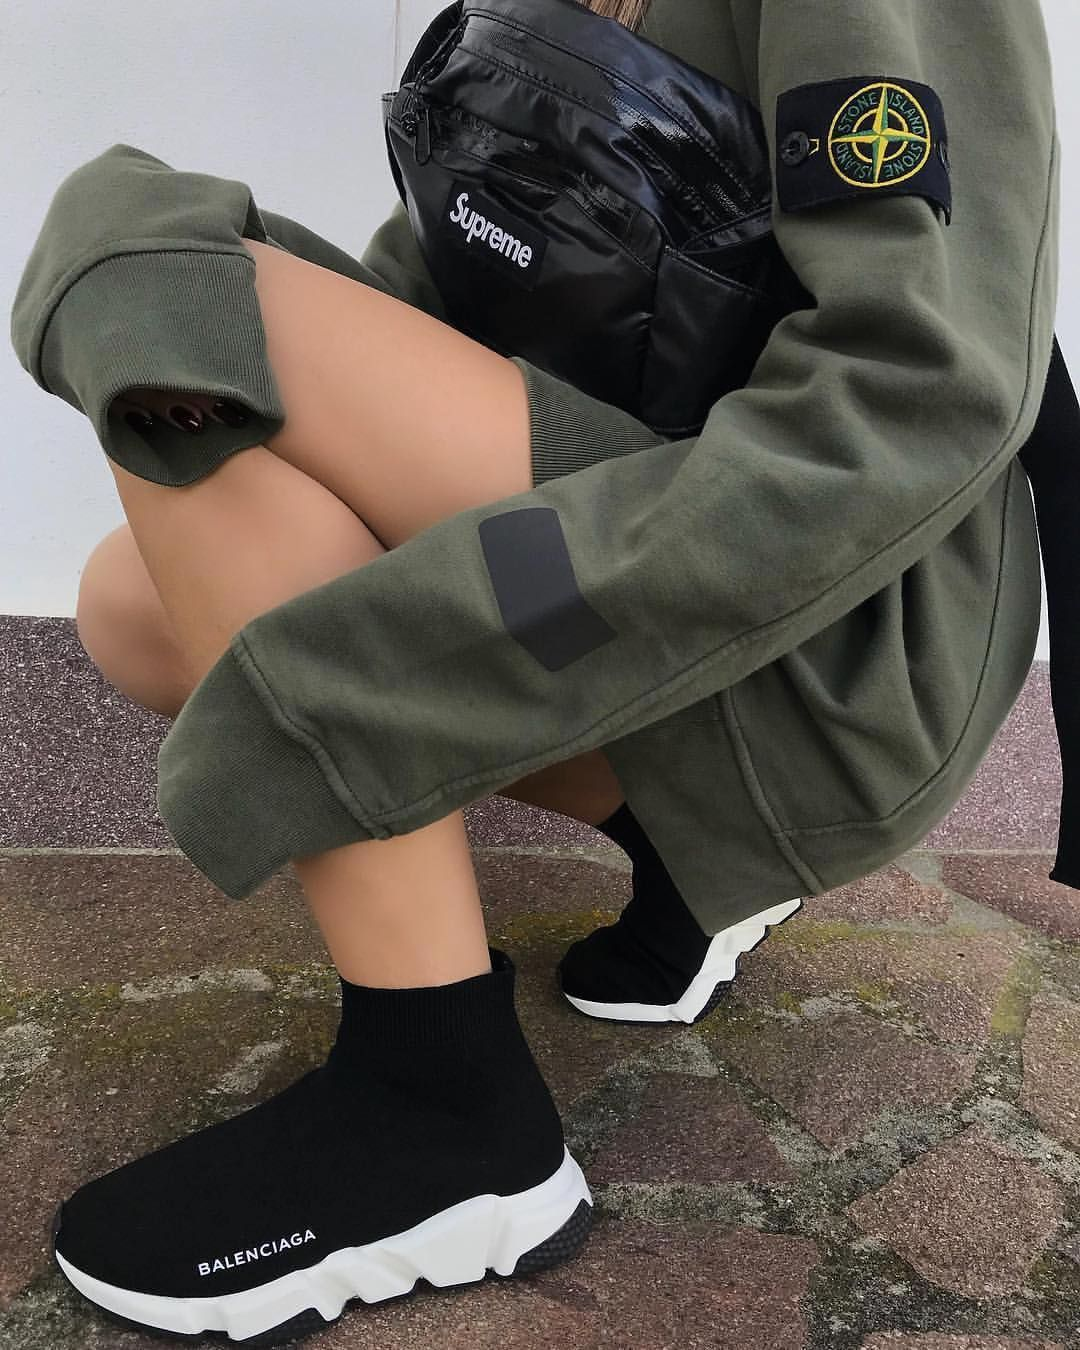 little girl balenciaga shoes